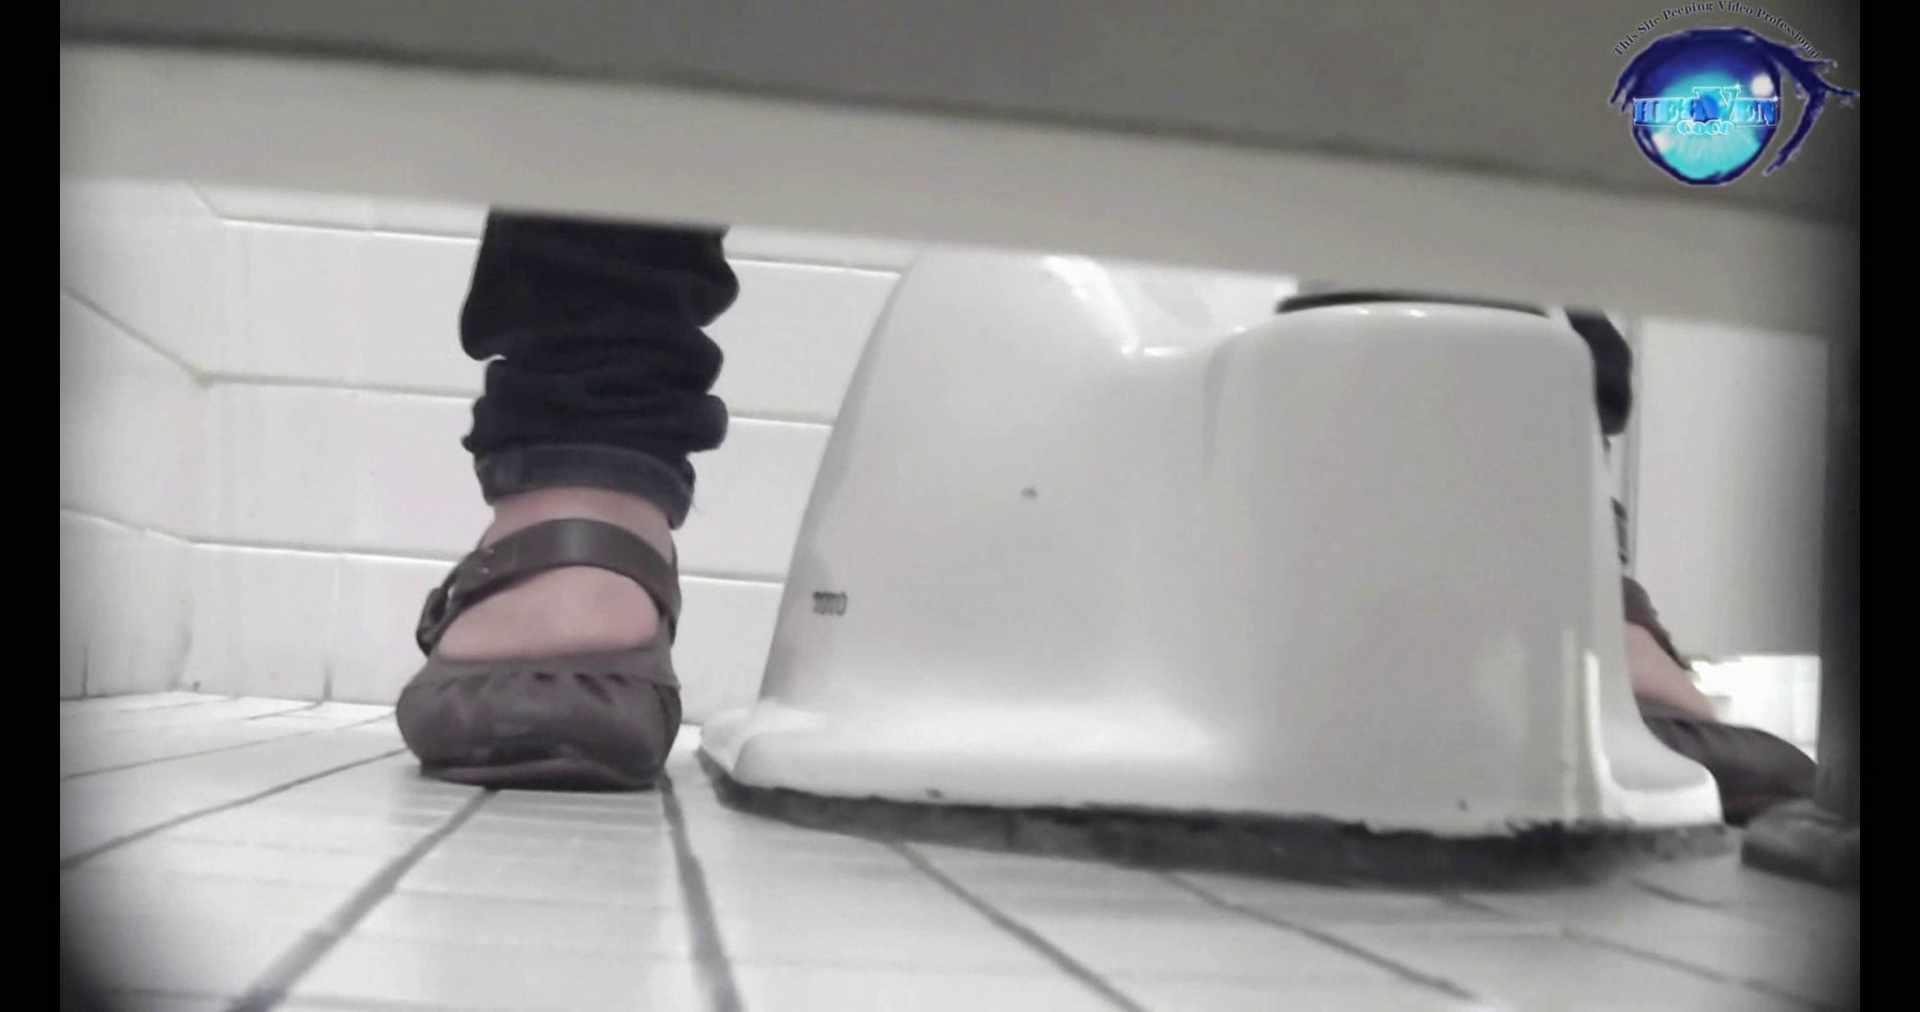 お銀さんの洗面所突入レポート!!vol.72 あのかわいい子がついフロント撮り実演 洗面所編 | バックショット  100PIX 7